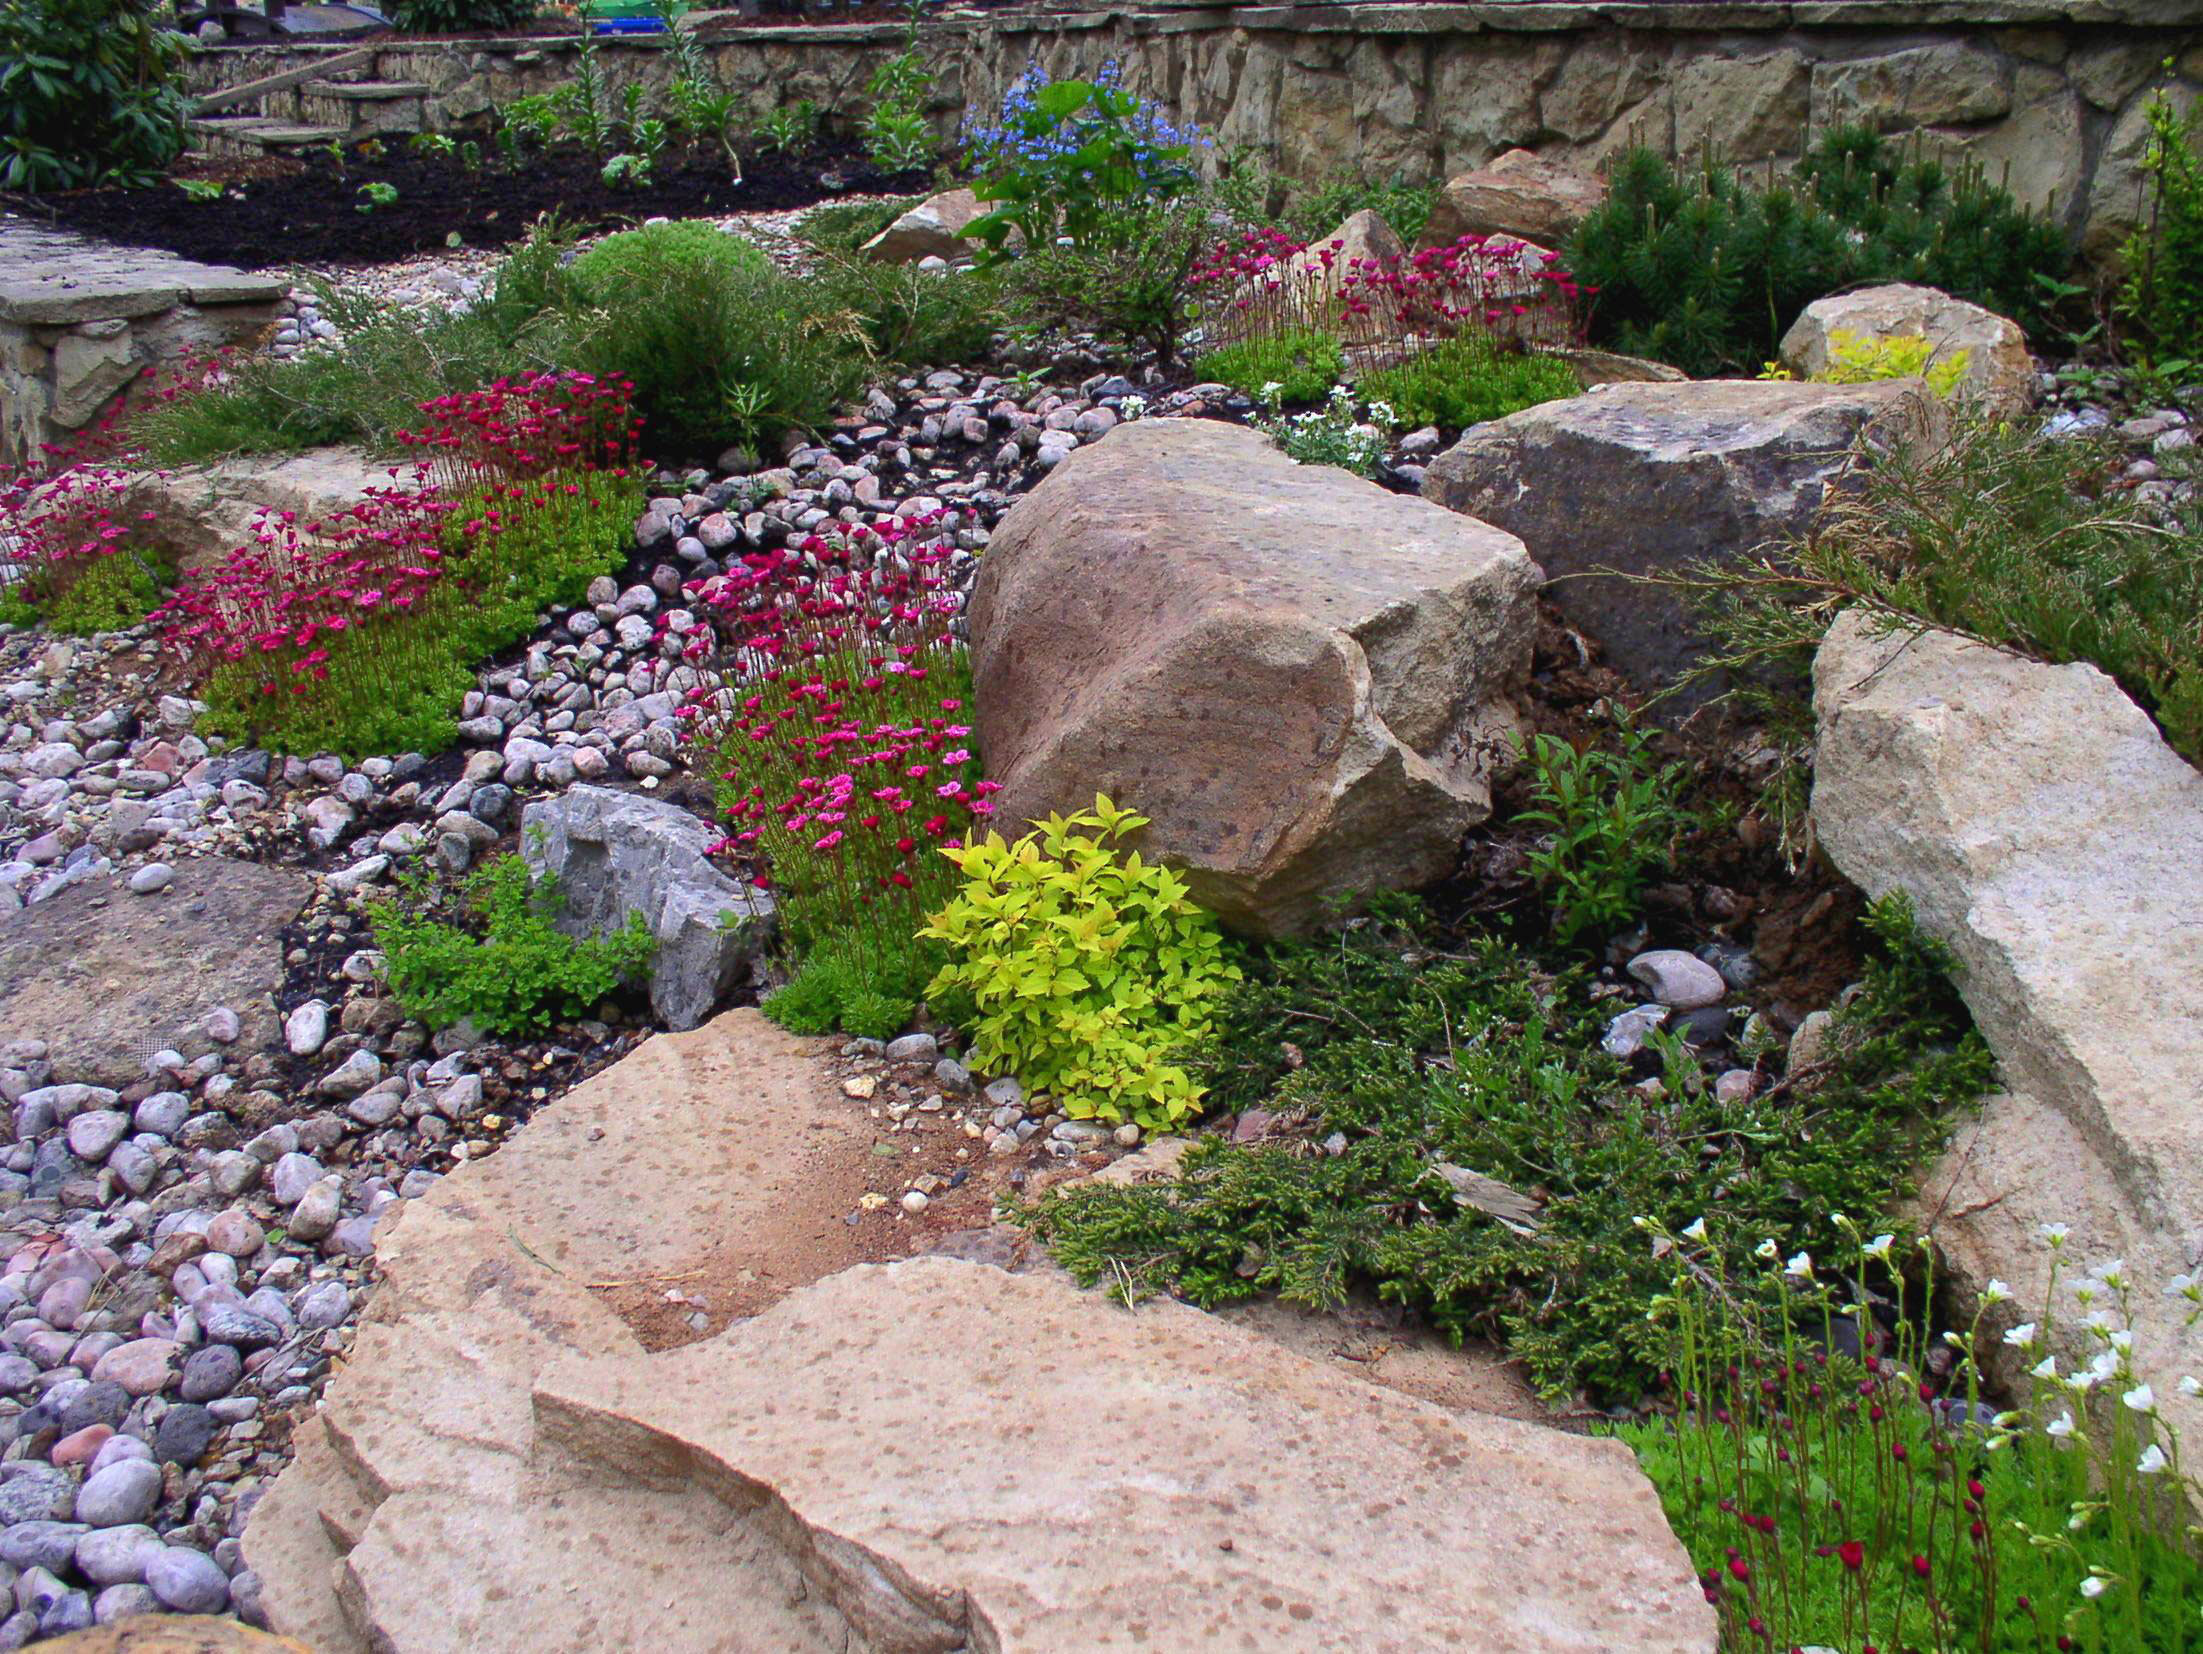 При укладке плит или камней между ними обязательно оставляют достаточное пространство для размещения растений и роста их корневой системы.